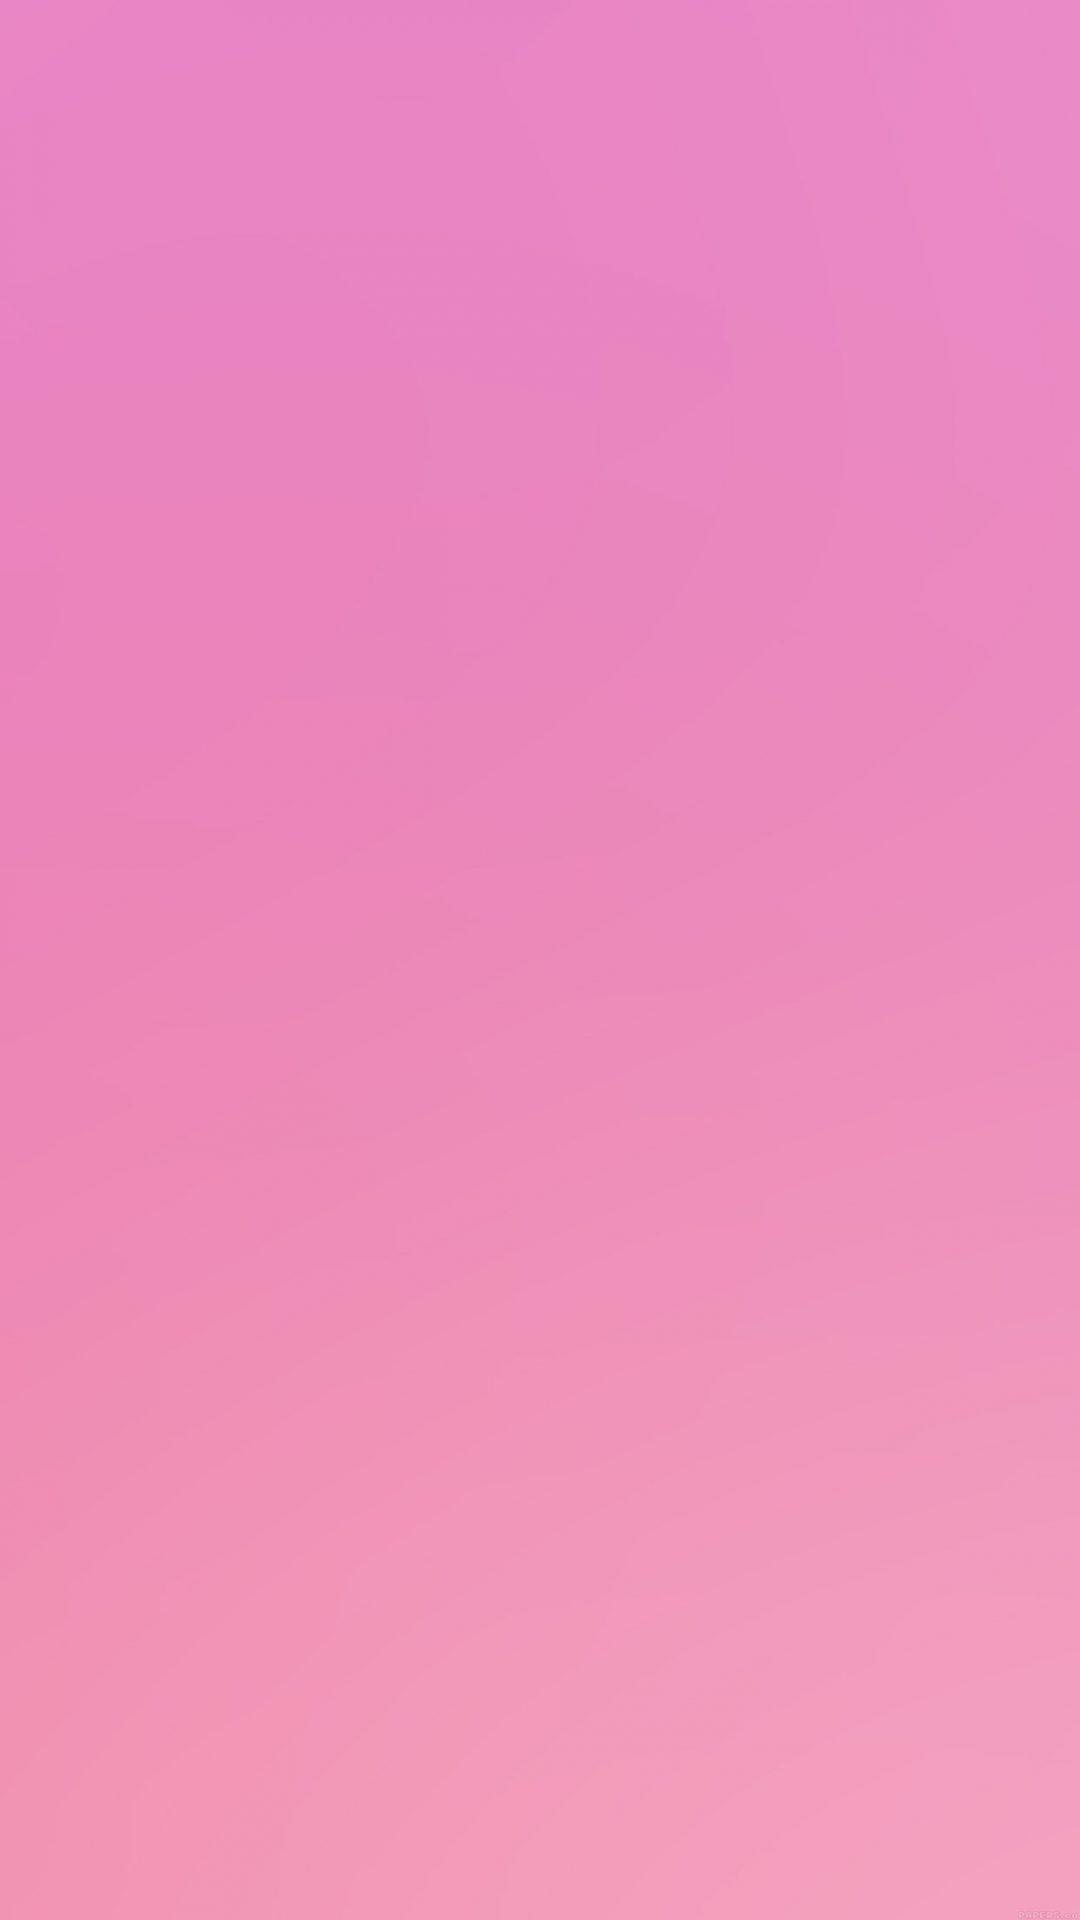 Baby Pink Gradation Blur